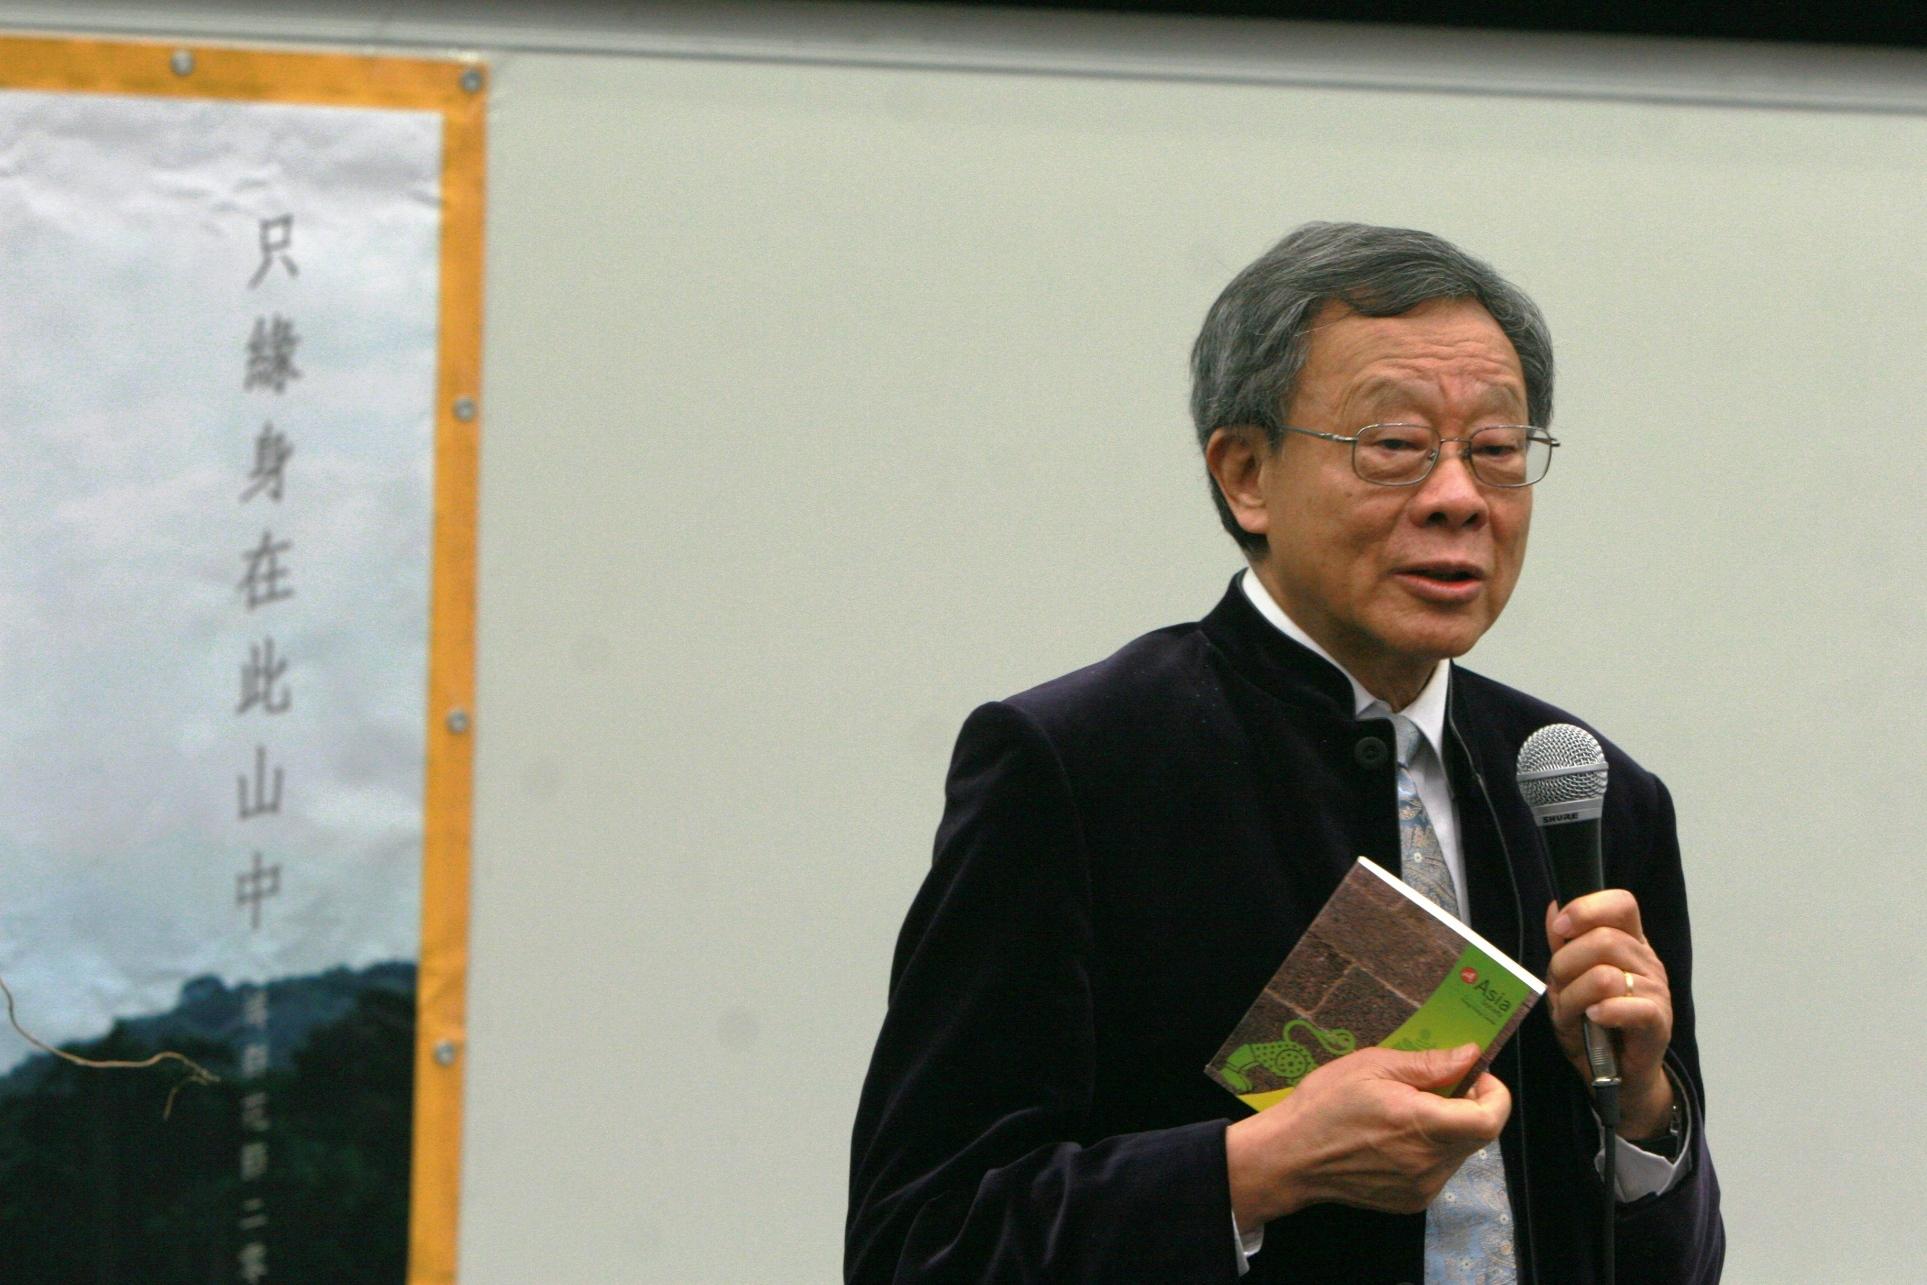 李欧梵教授分享挫败如何造就谦厚人生。